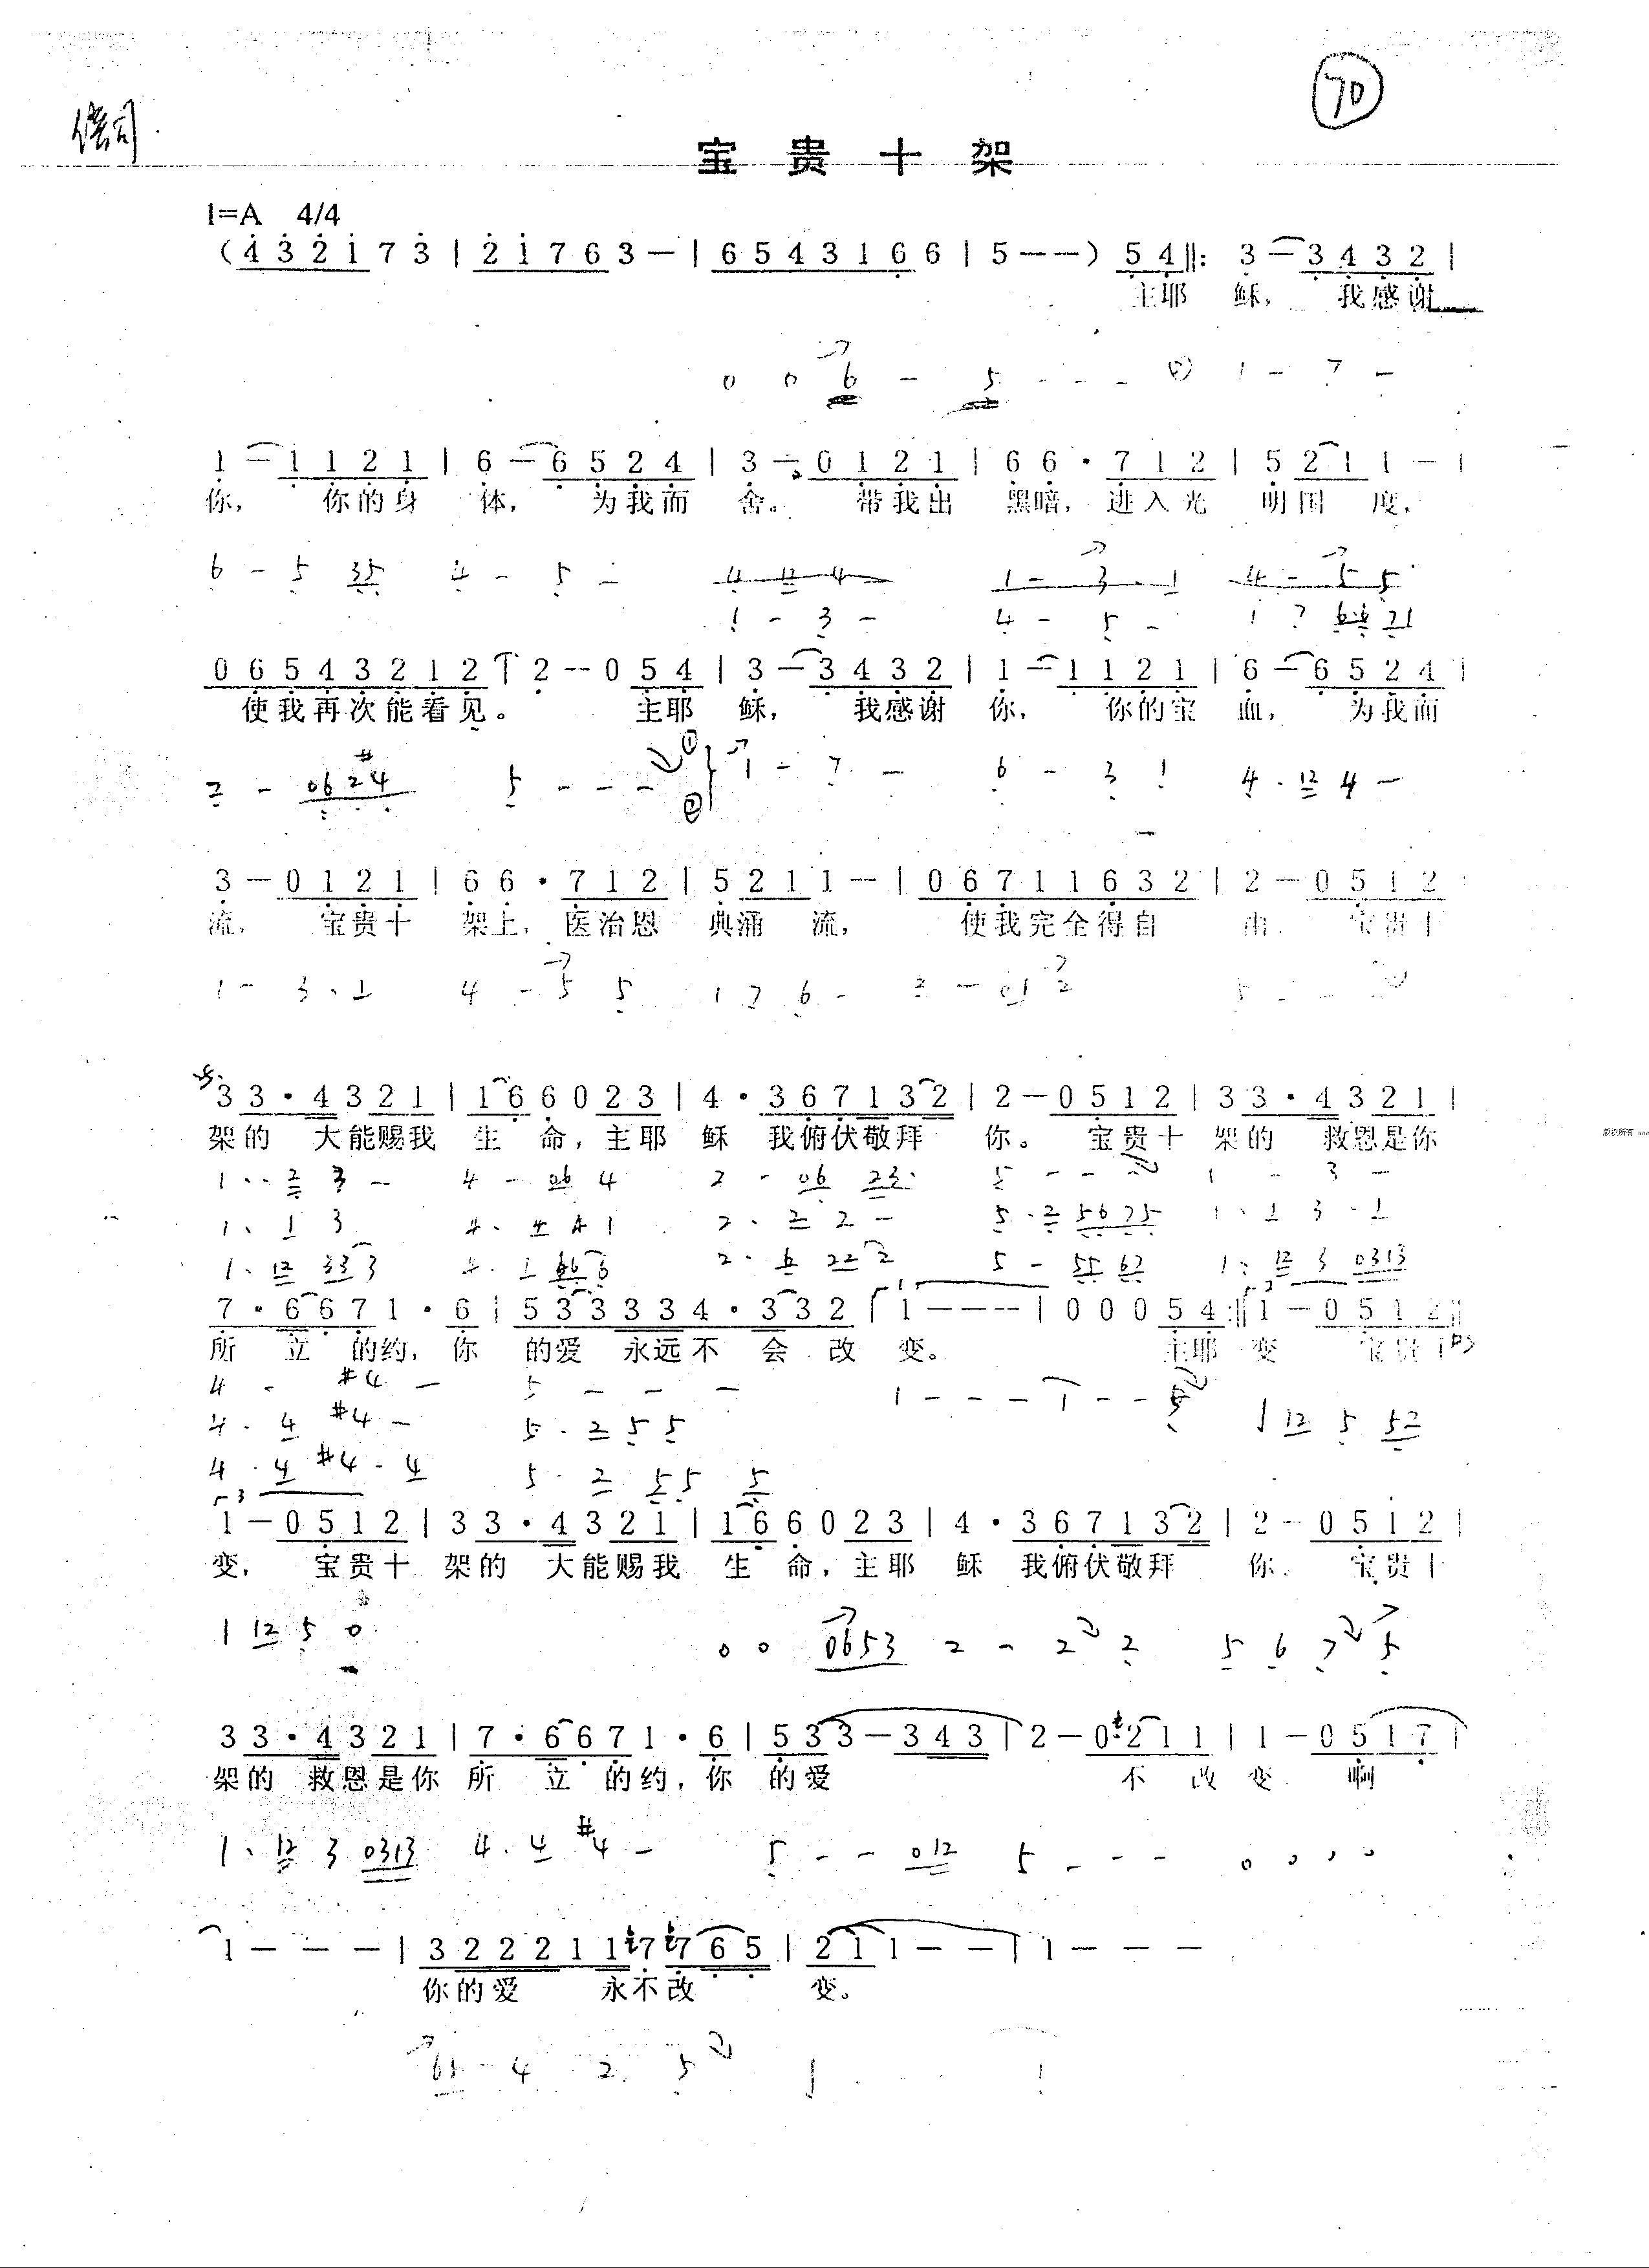 乐队总谱-乐队总谱-基督教歌谱网基督教